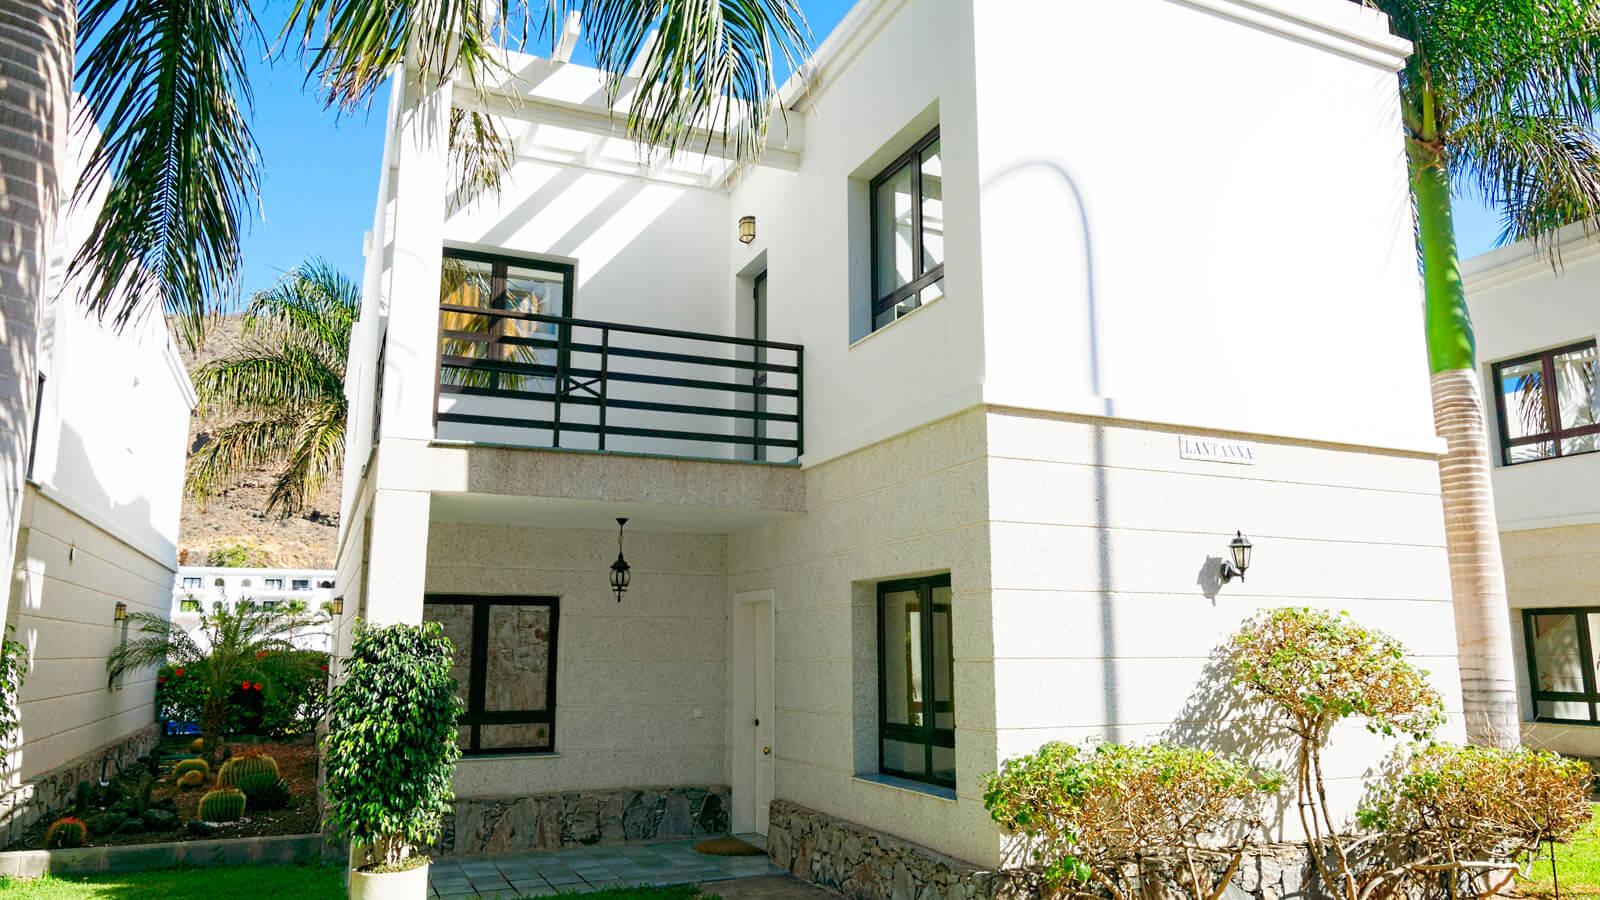 Sunshine villas puerto rico gran canaria web oficial - Villas en gran canaria con piscina ...